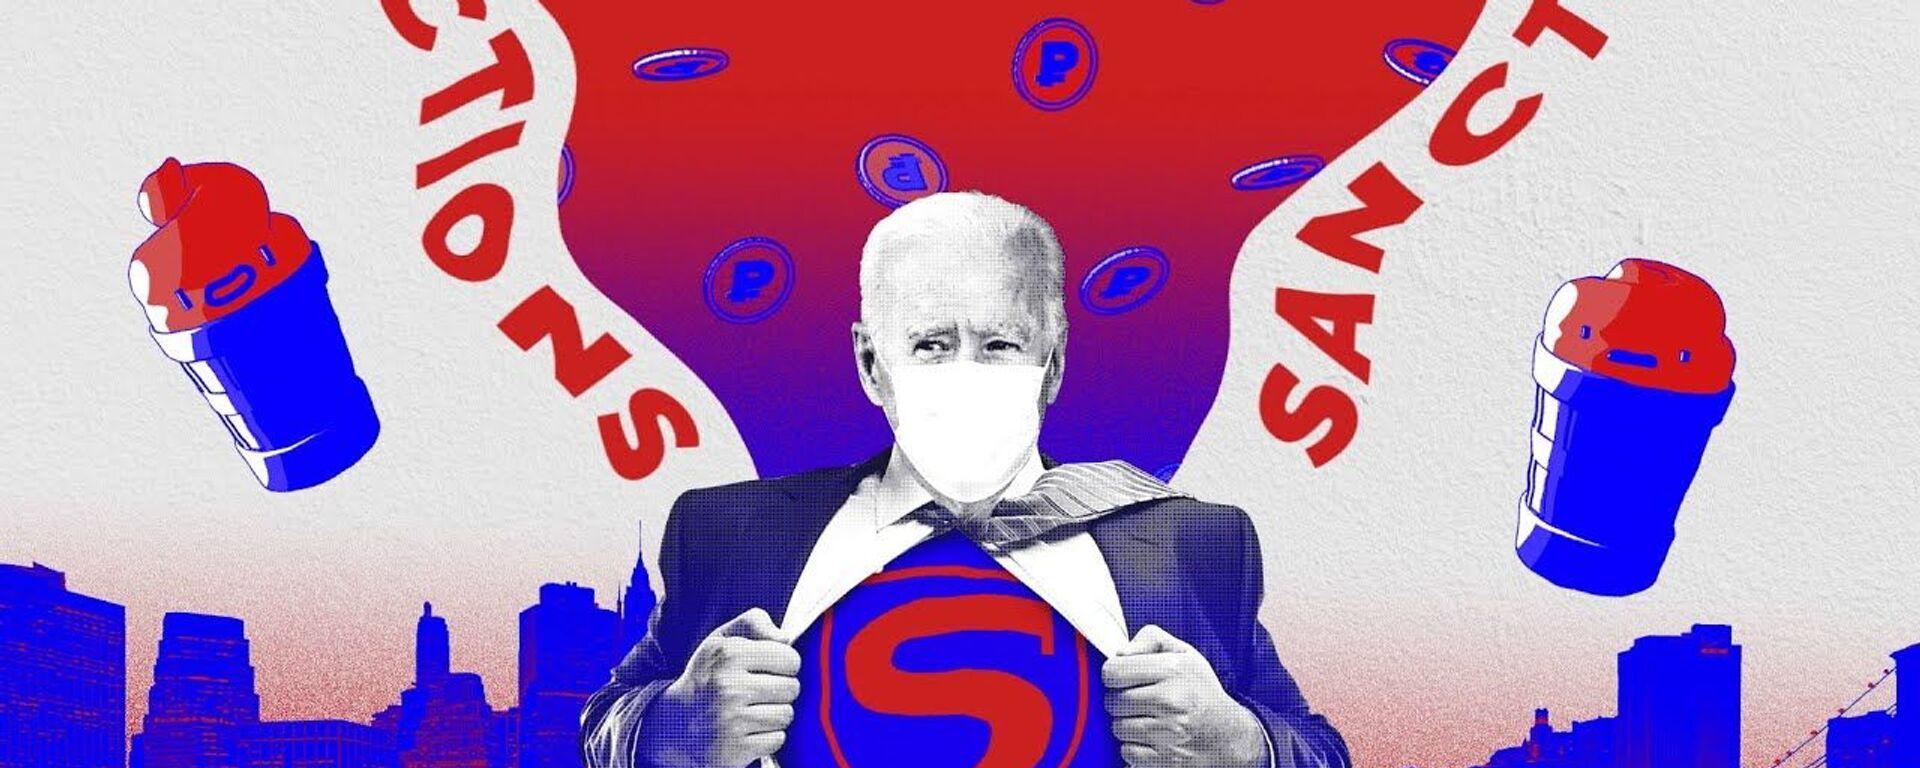 Сто дней у власти: что сделал Джо Байден на посту президента США - Sputnik Латвия, 1920, 29.04.2021